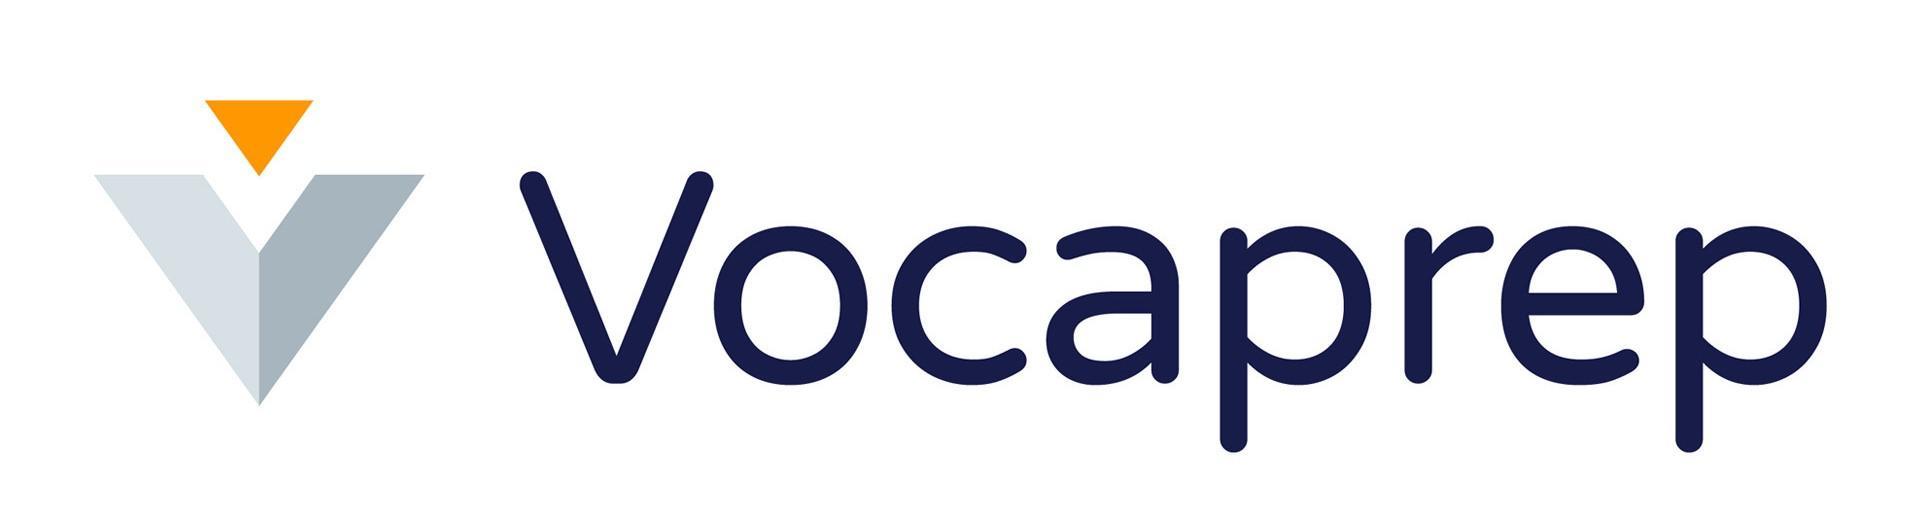 Vocaprep